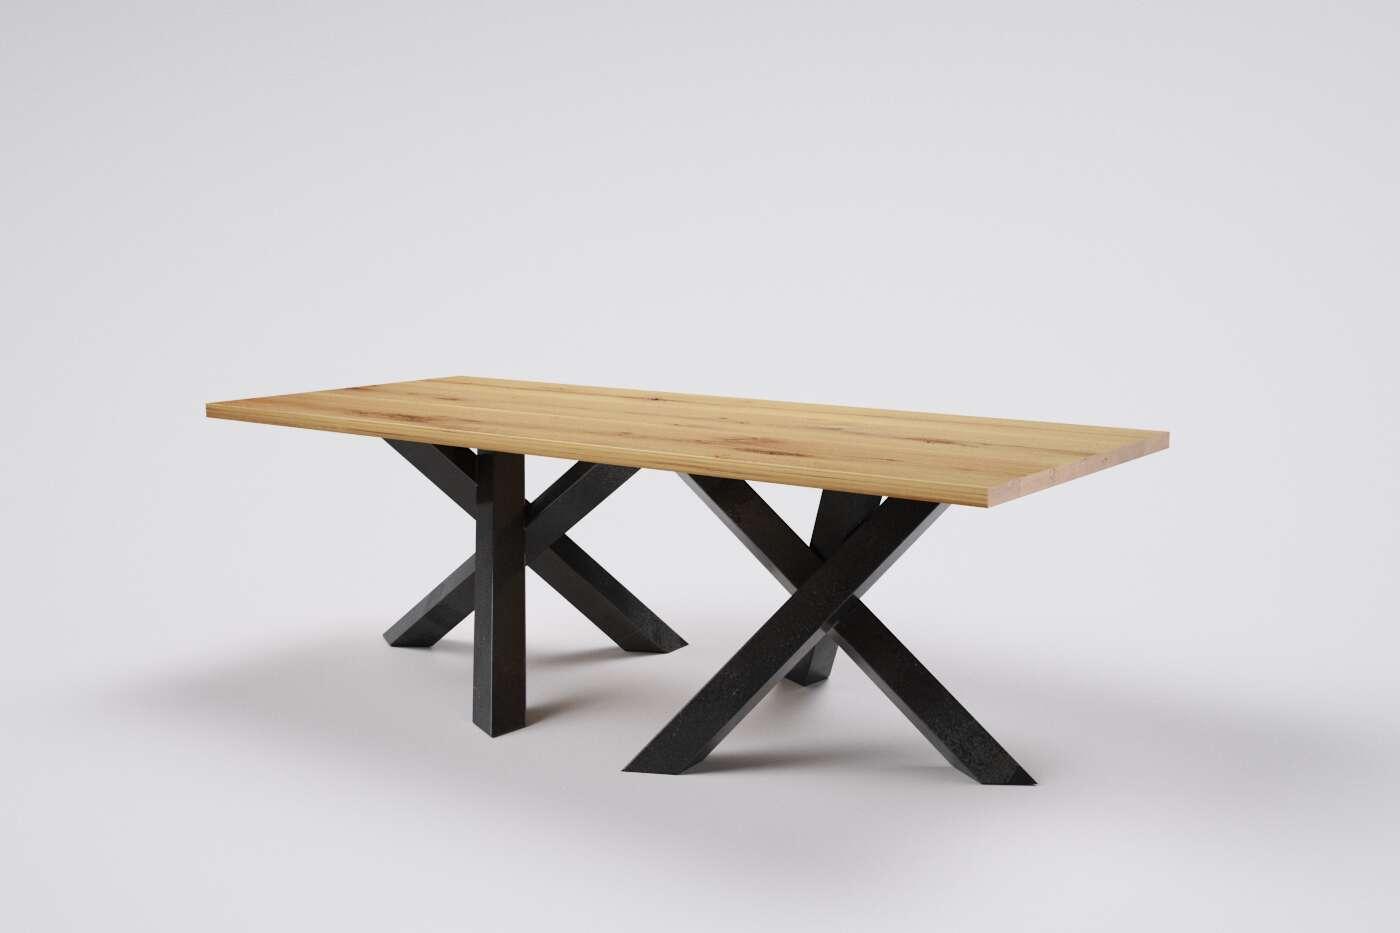 holztisch esstisch massiv eiche wohnsektion. Black Bedroom Furniture Sets. Home Design Ideas